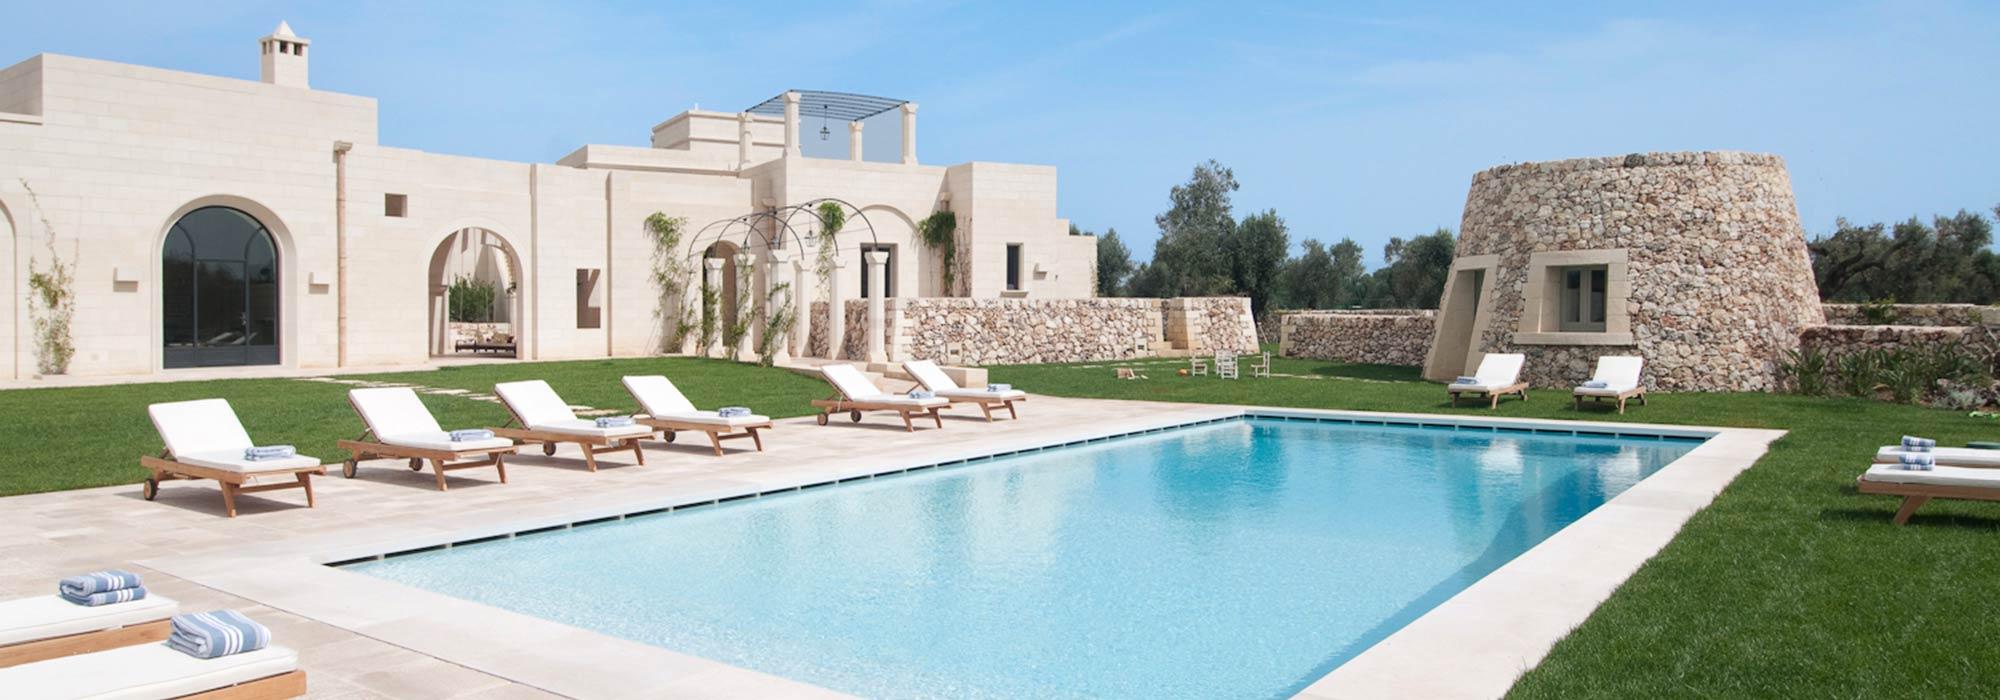 Masseria La Conchiglia – Luxury Rental Villa with pool in Puglia – Sleeps 14